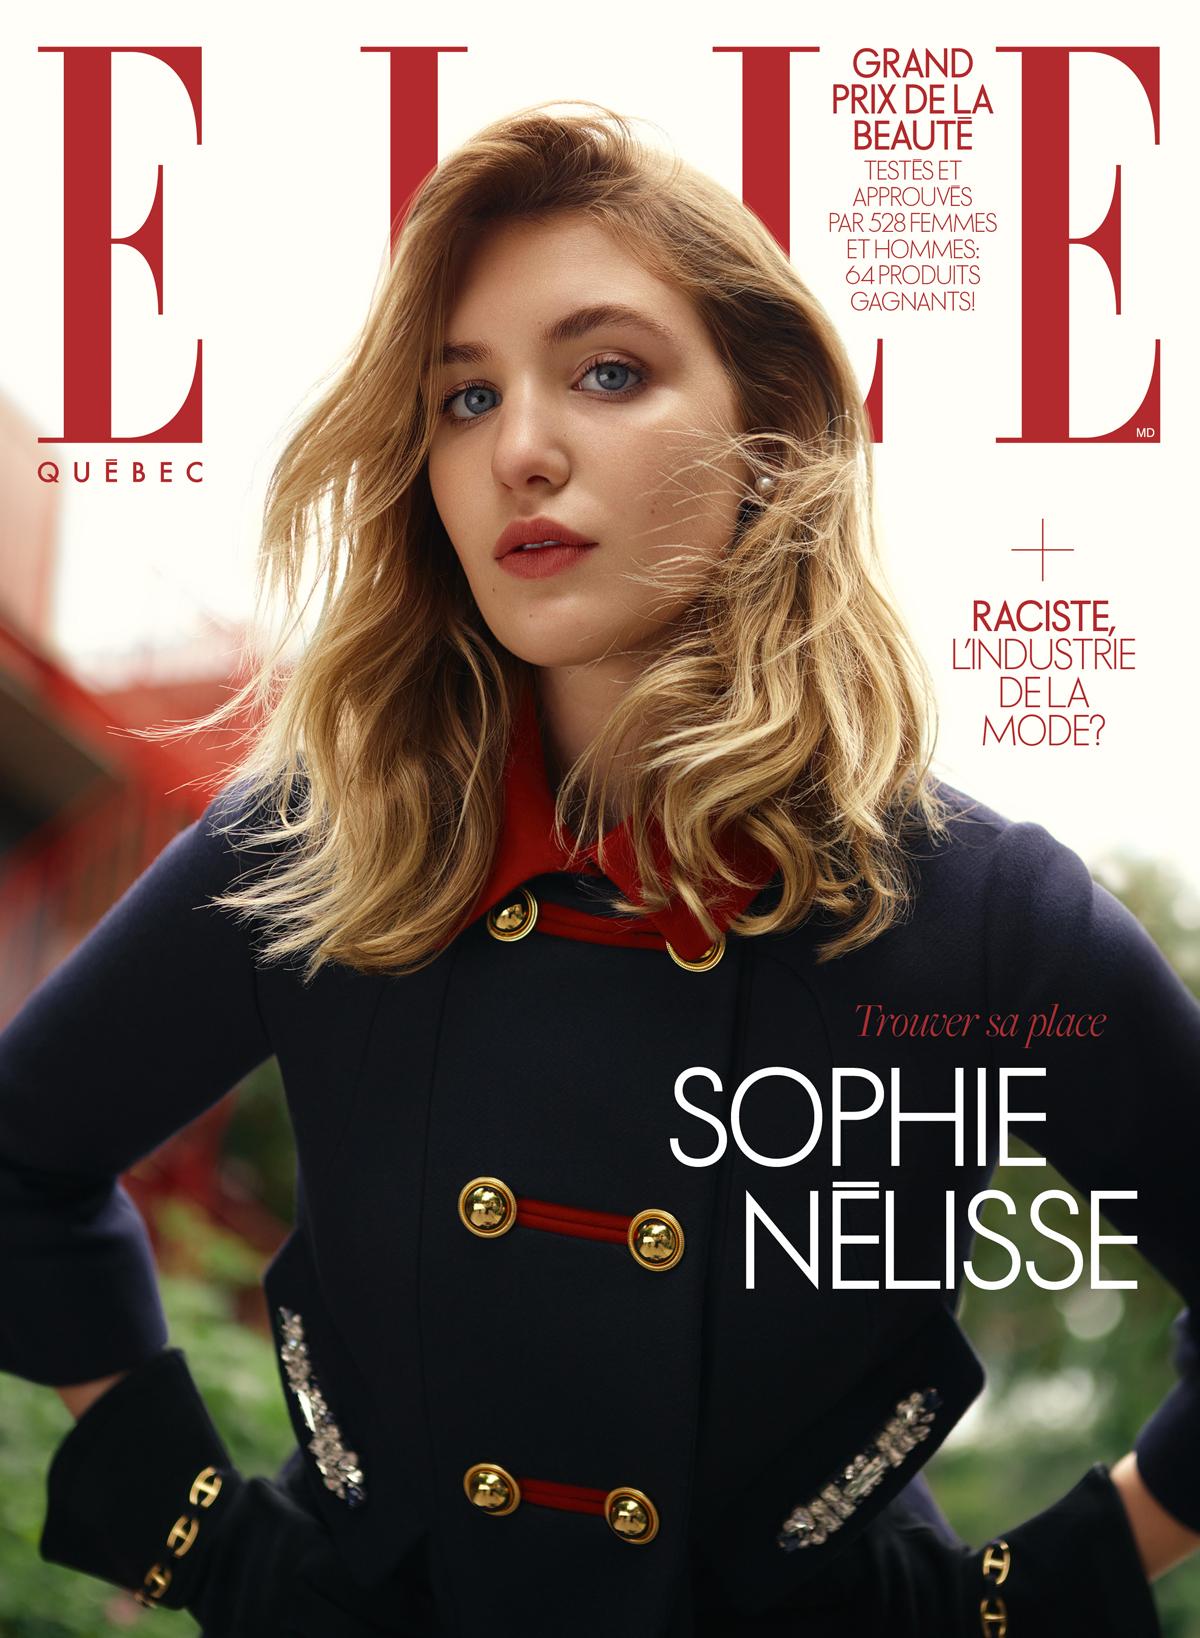 Sophie Nélisse en couverture du magazine ELLE Québec de novembre